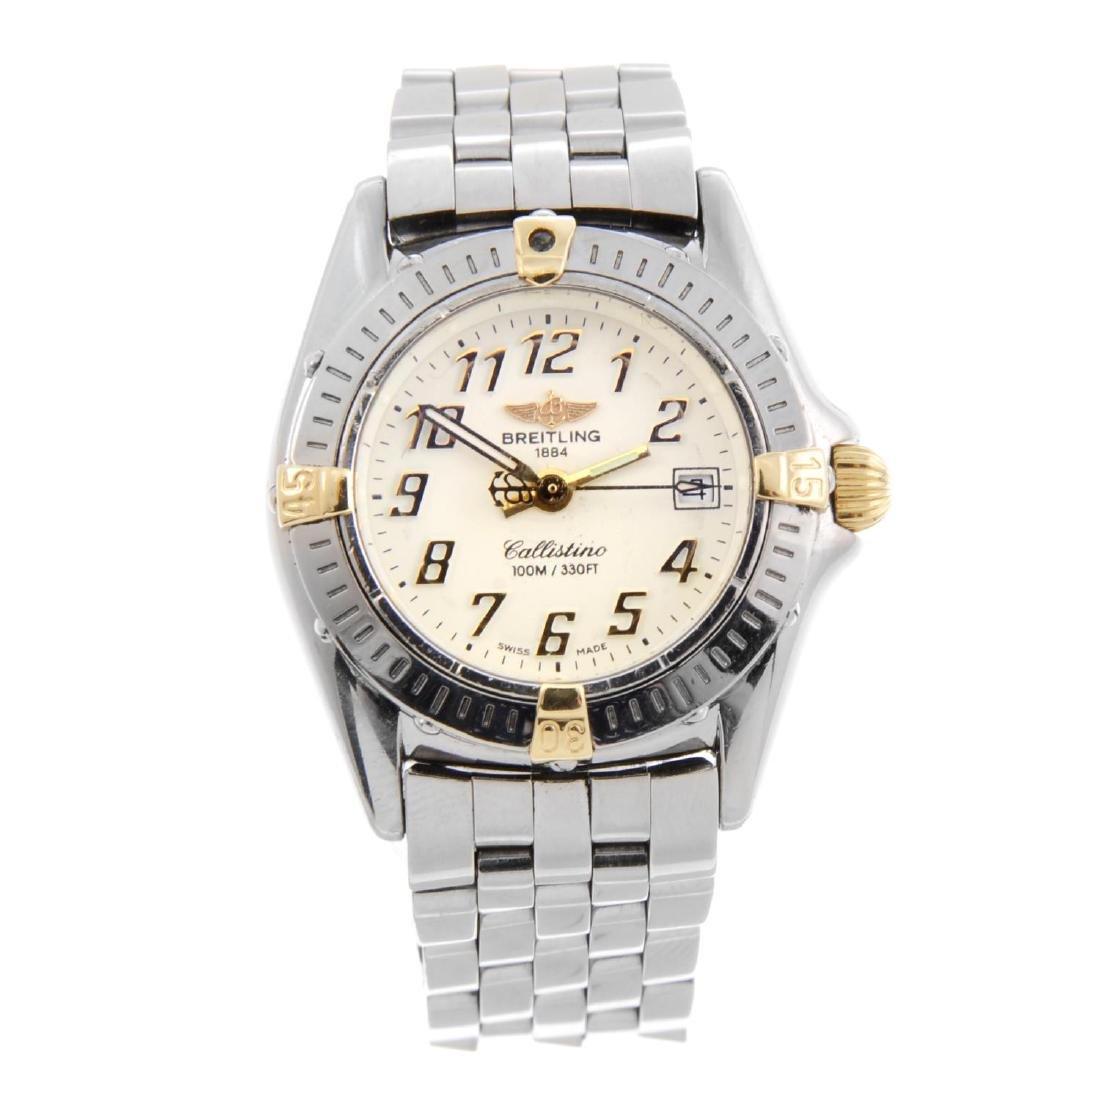 BREITLING - a lady's Callistino bracelet watch.